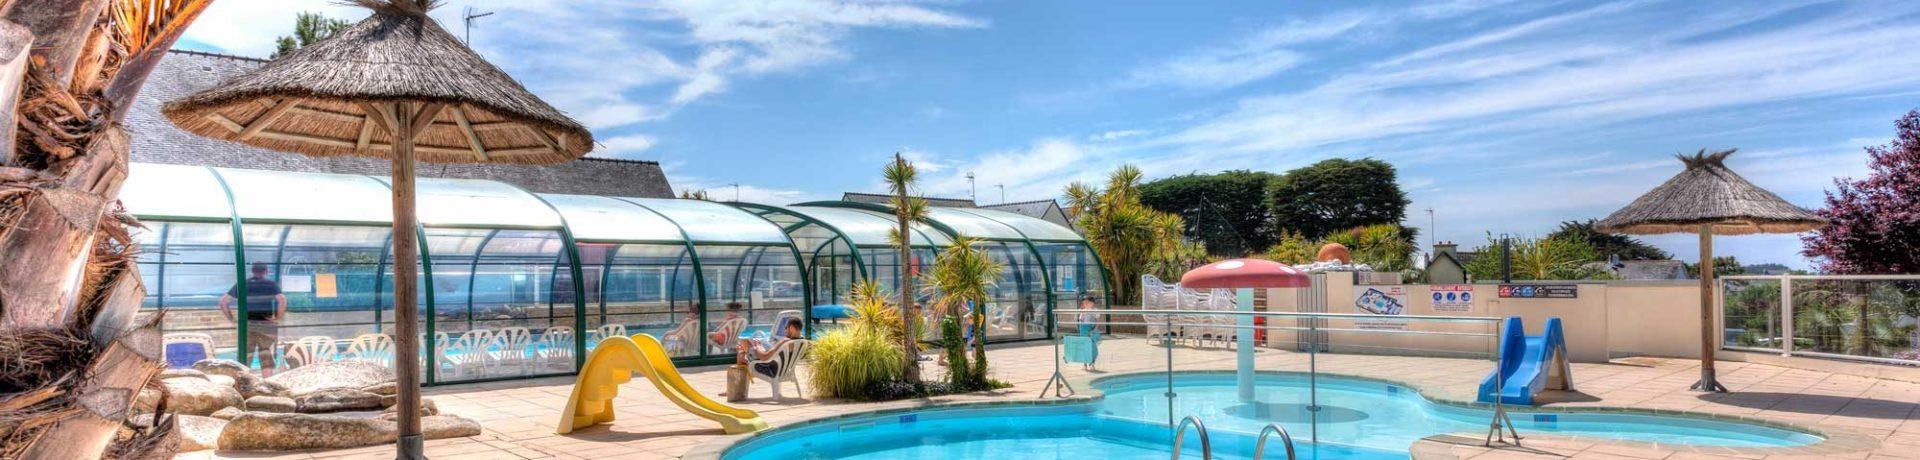 Uitstekende 5 sterren camping met zwembad en ligging aan zee. Werp u anker uit op camping Les Embruns in Bretagne. Aquapark, animatie en ontspanning.